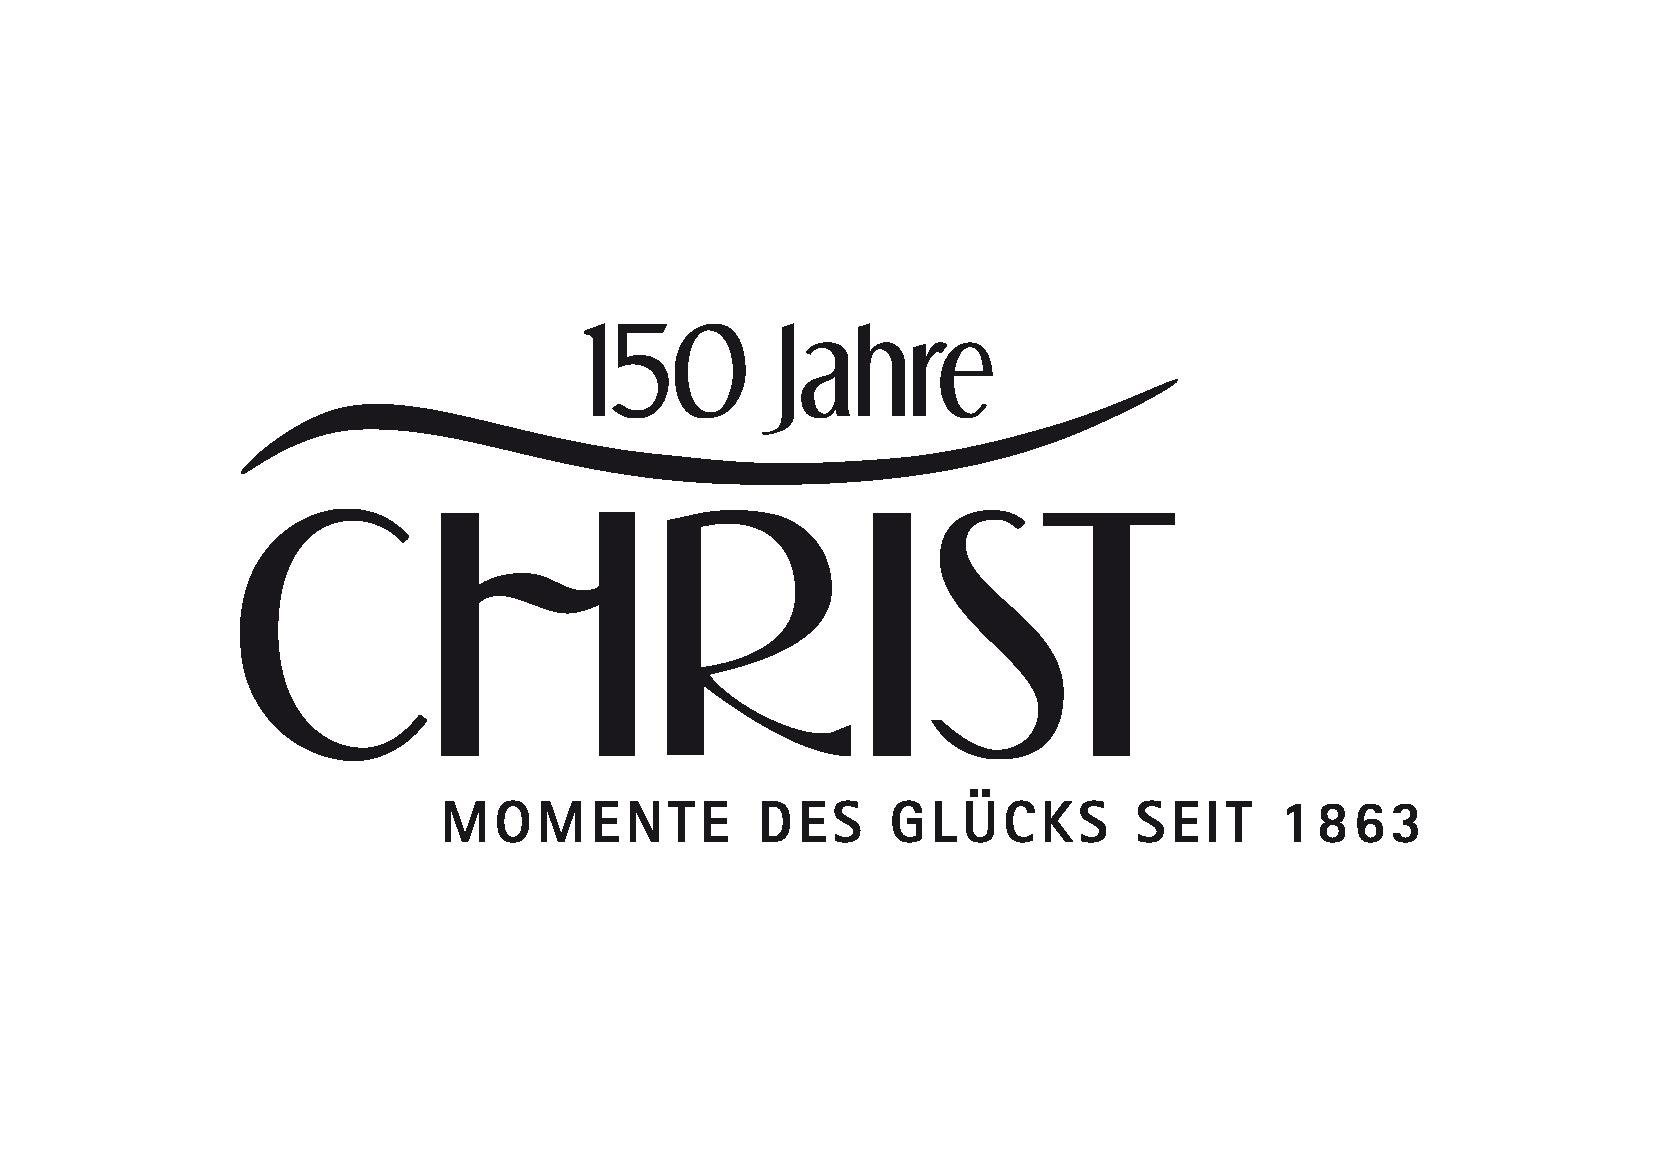 CHRIST 150 Jahre